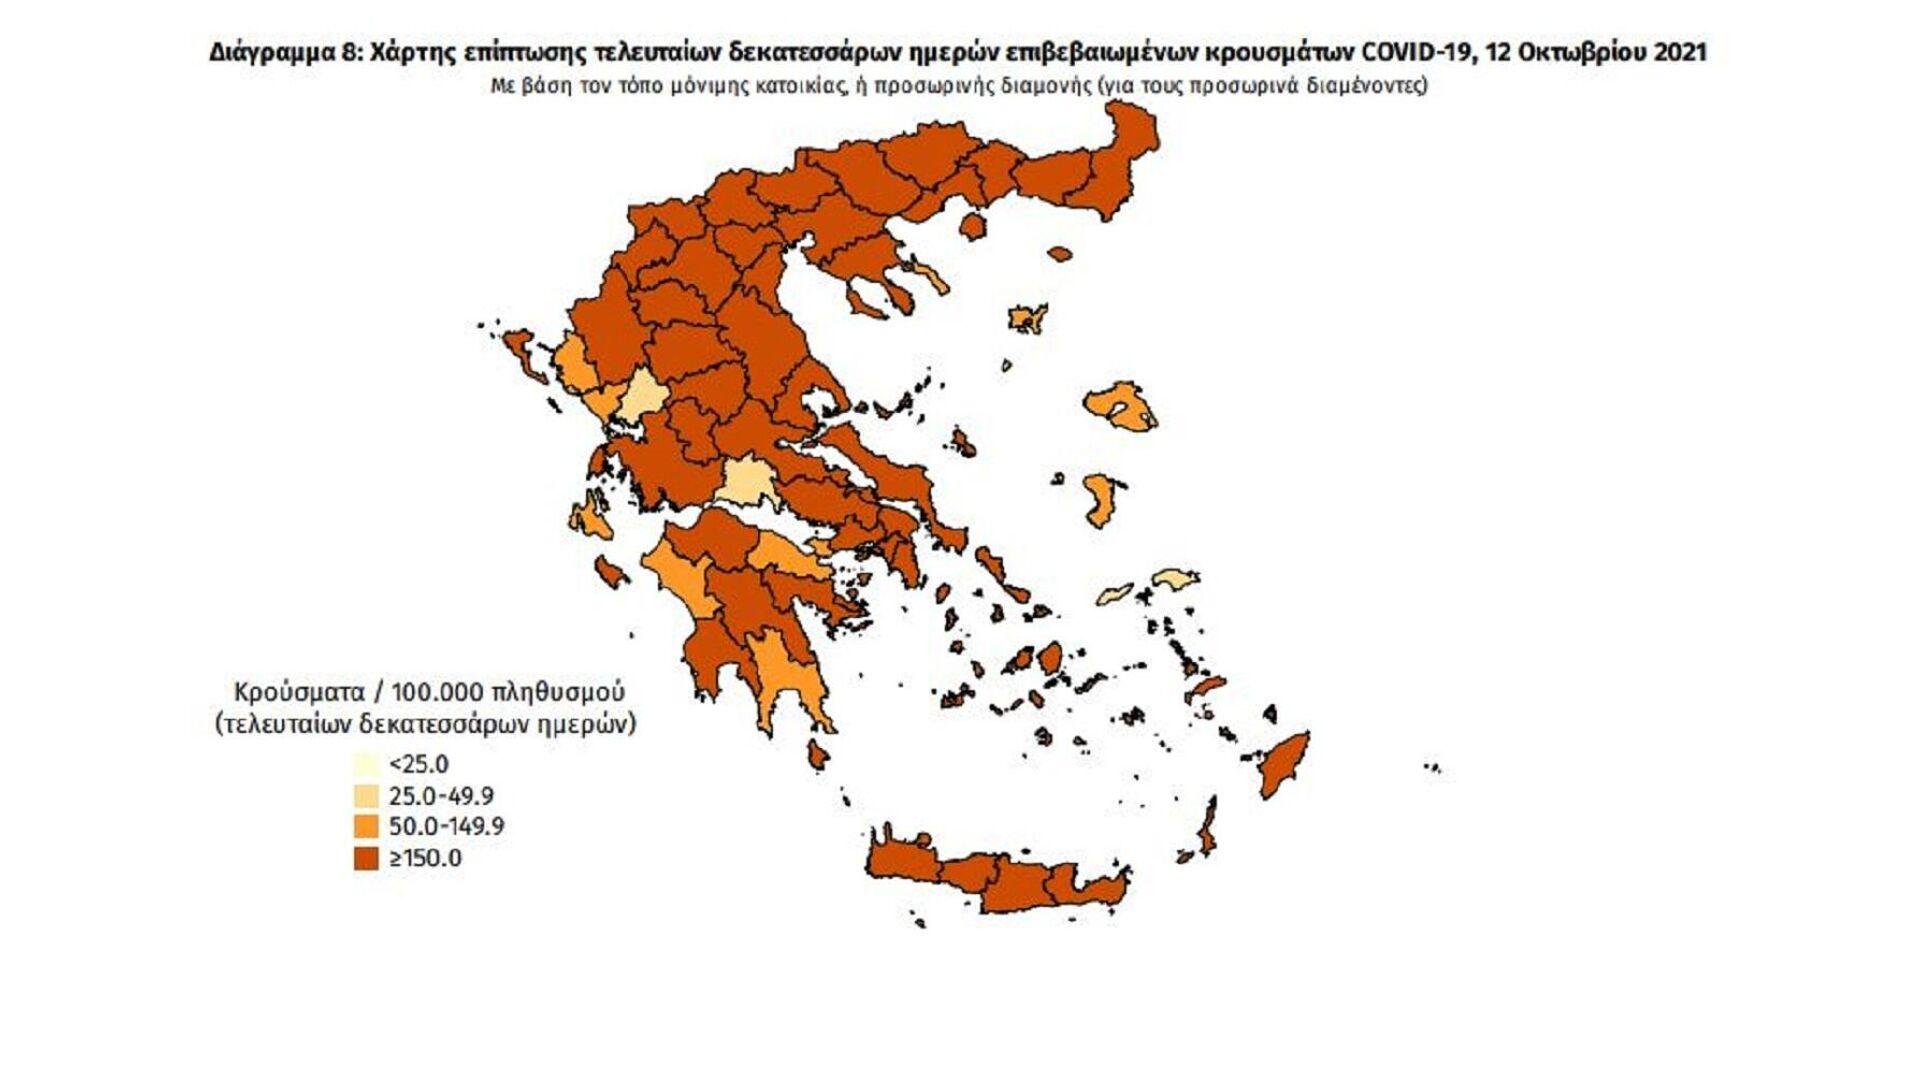 Χάρτης επίπτωσης τελευταίων δεκατεσσάρων ημερών επιβεβαιωμένων κρουσμάτων COVID-19, 12 Οκτωβρίου 2021 - Sputnik Ελλάδα, 1920, 12.10.2021